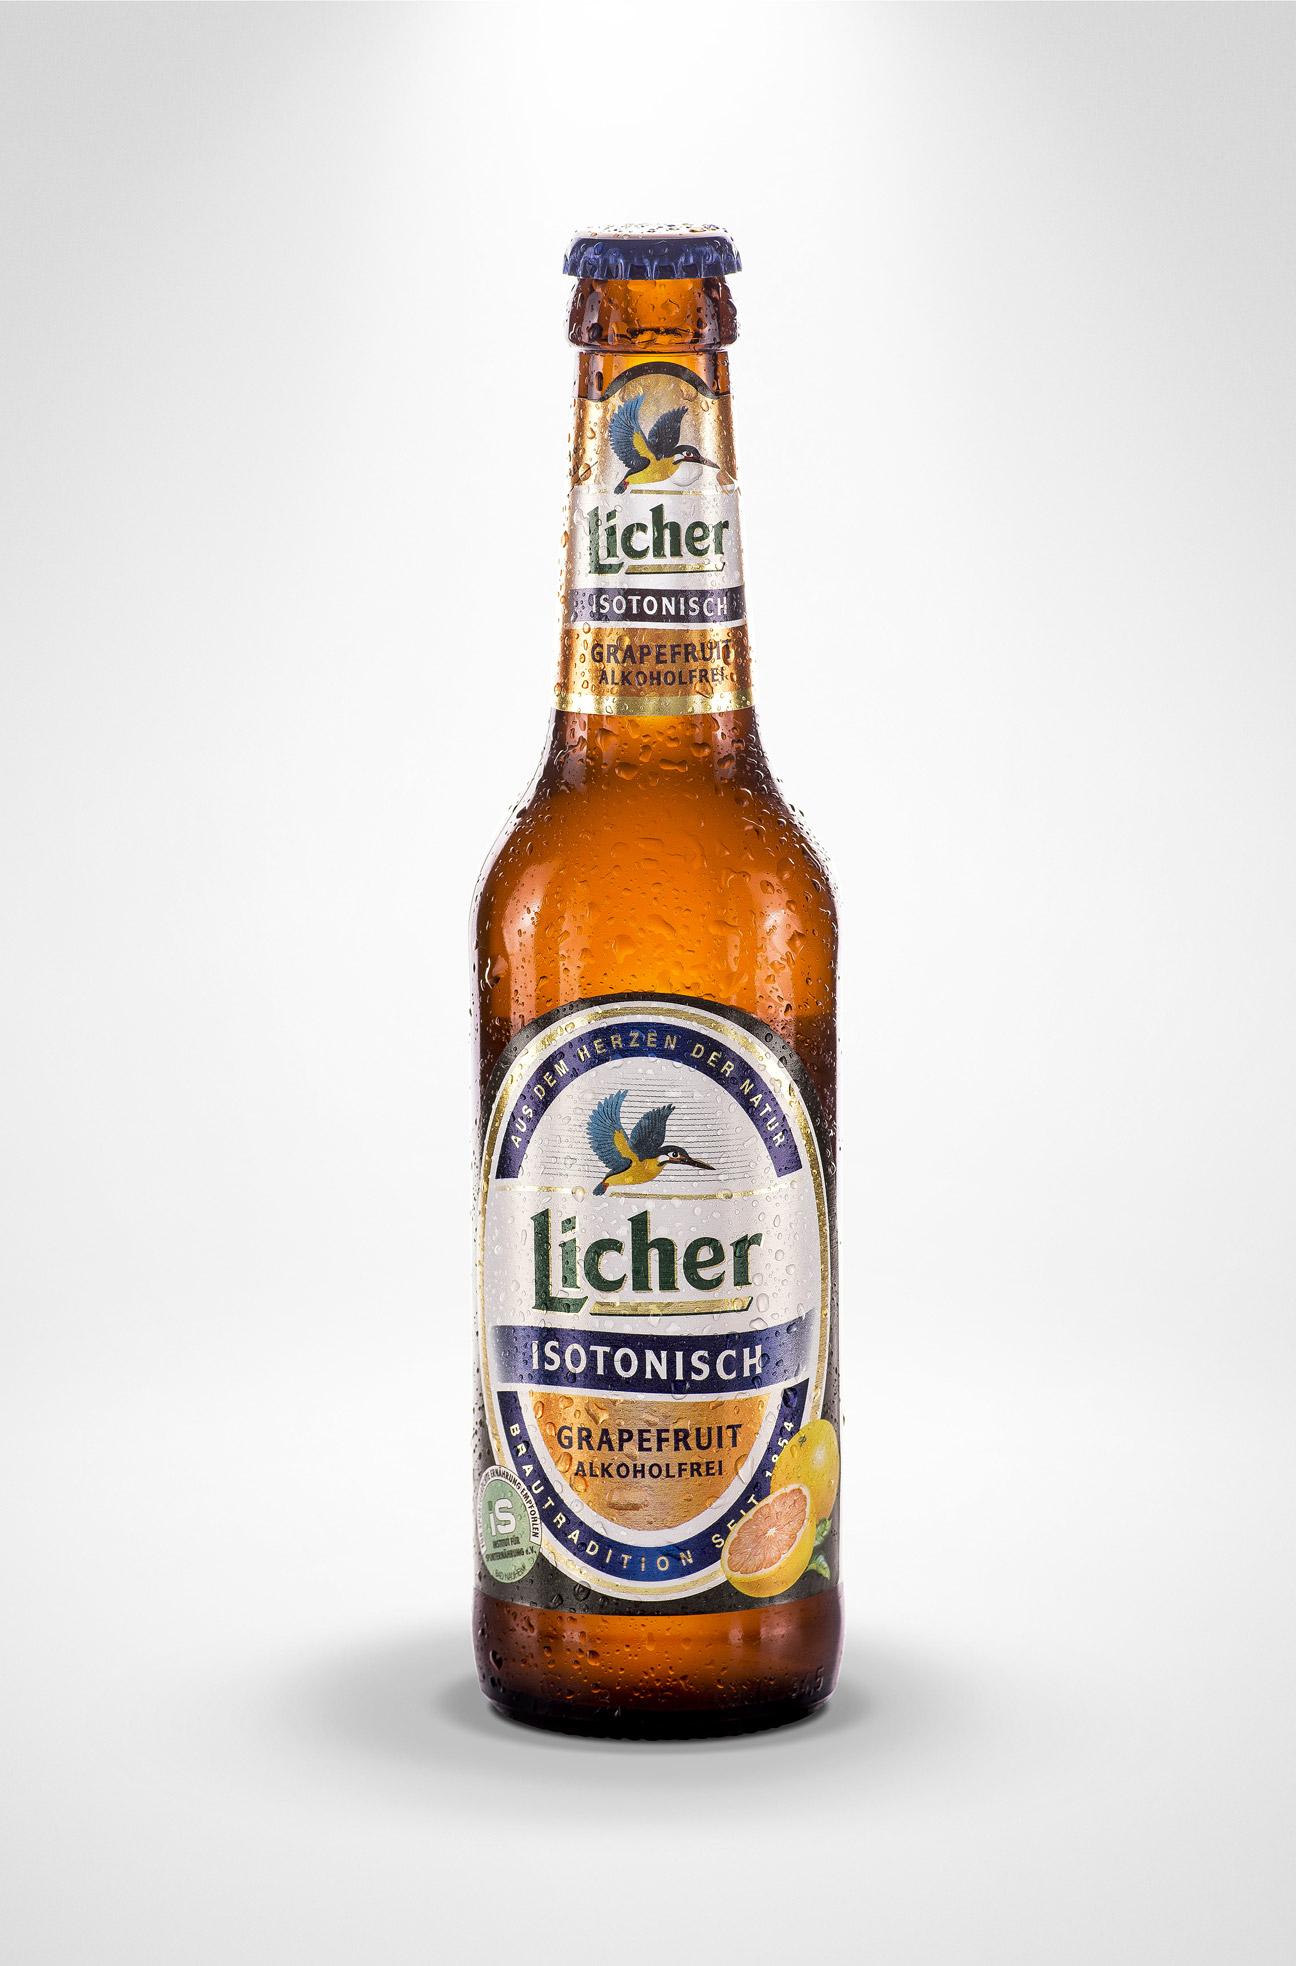 licher-bouteille